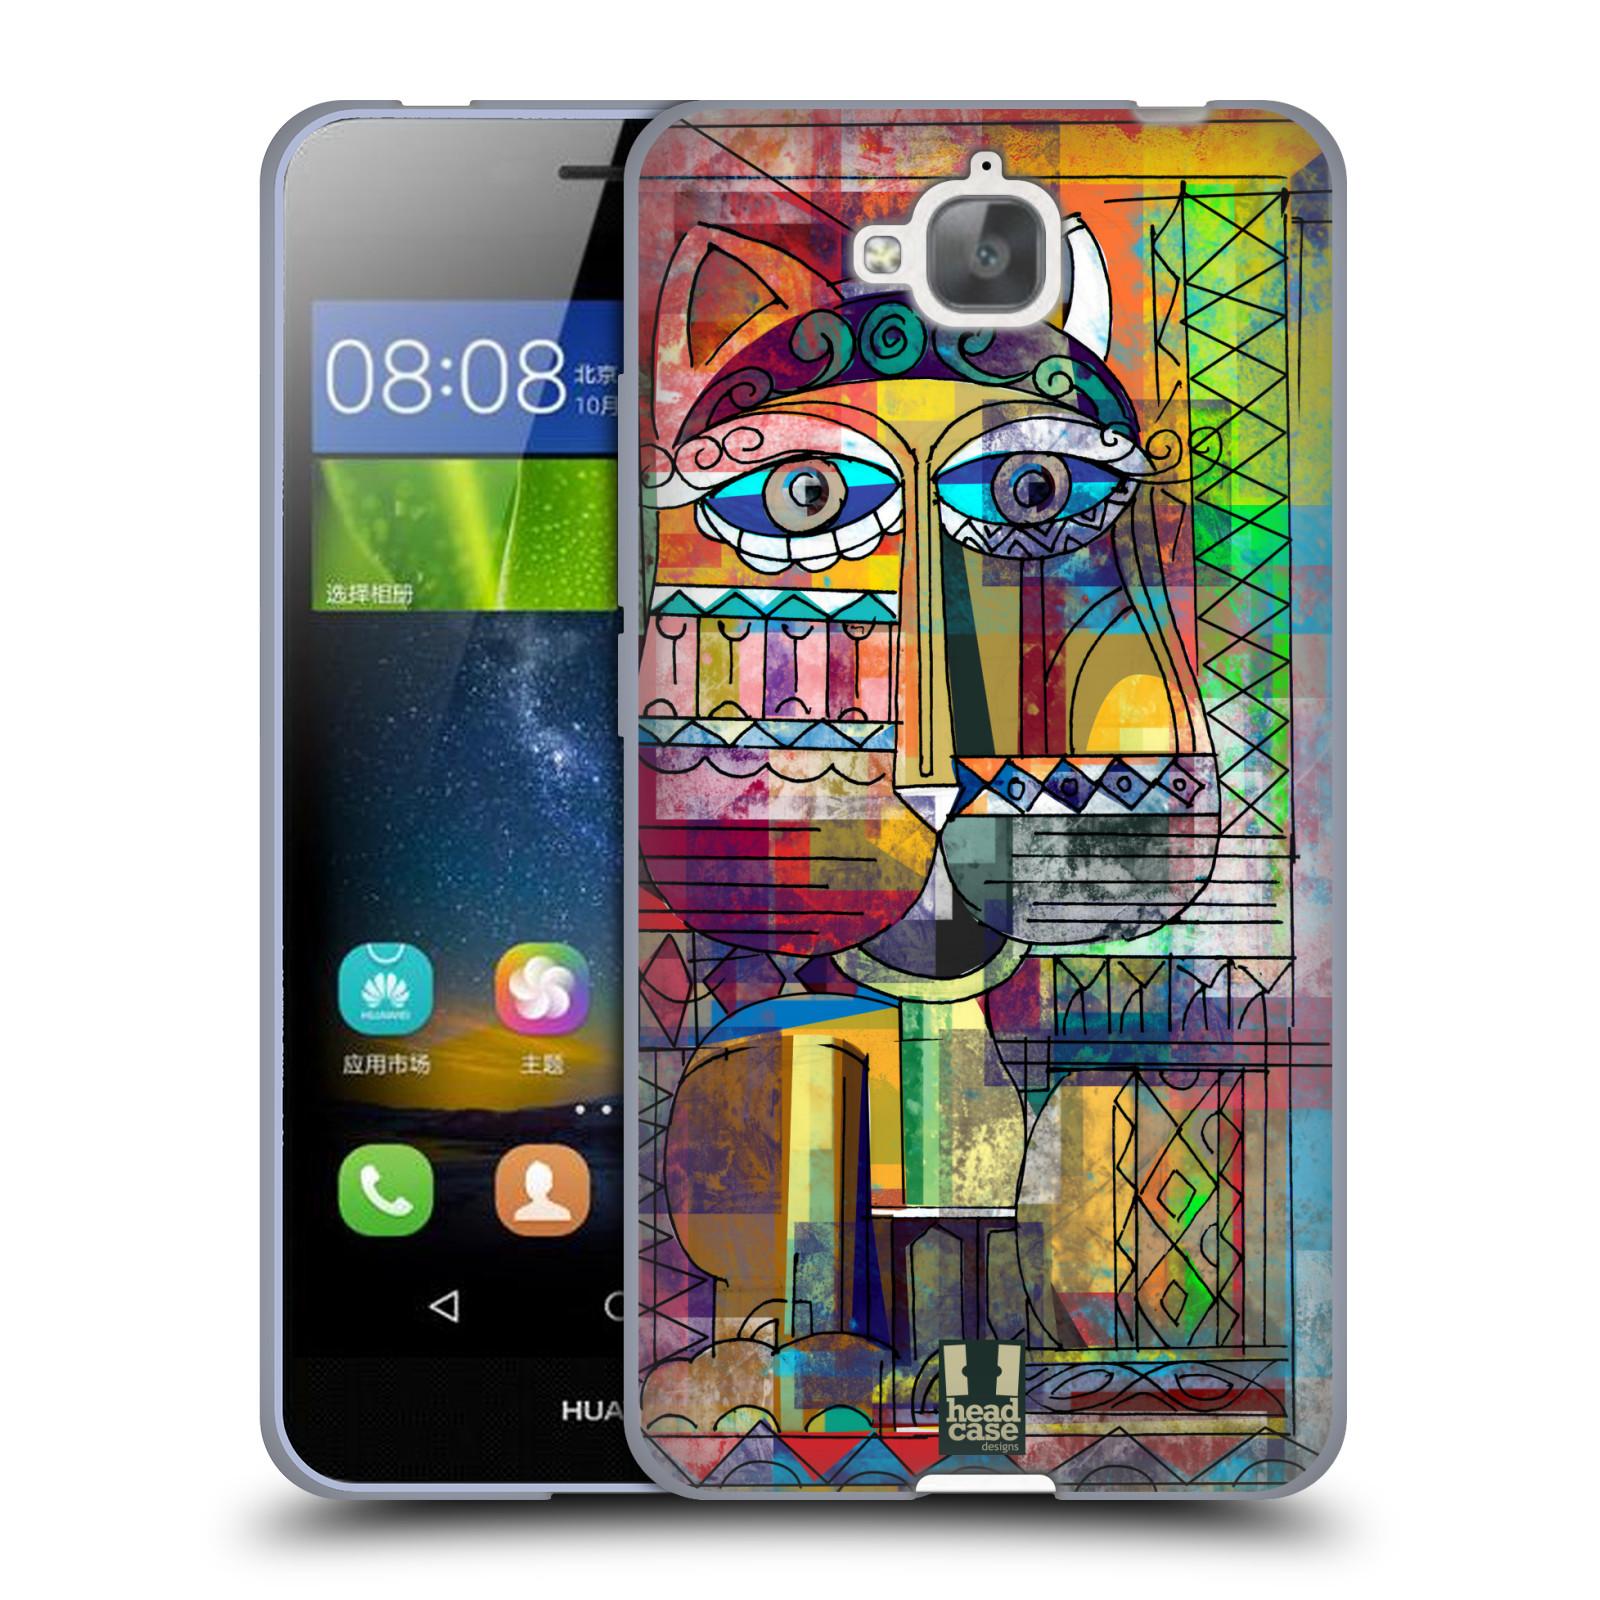 Silikonové pouzdro na mobil Huawei Y6 Pro Dual Sim HEAD CASE AZTEC KORAT